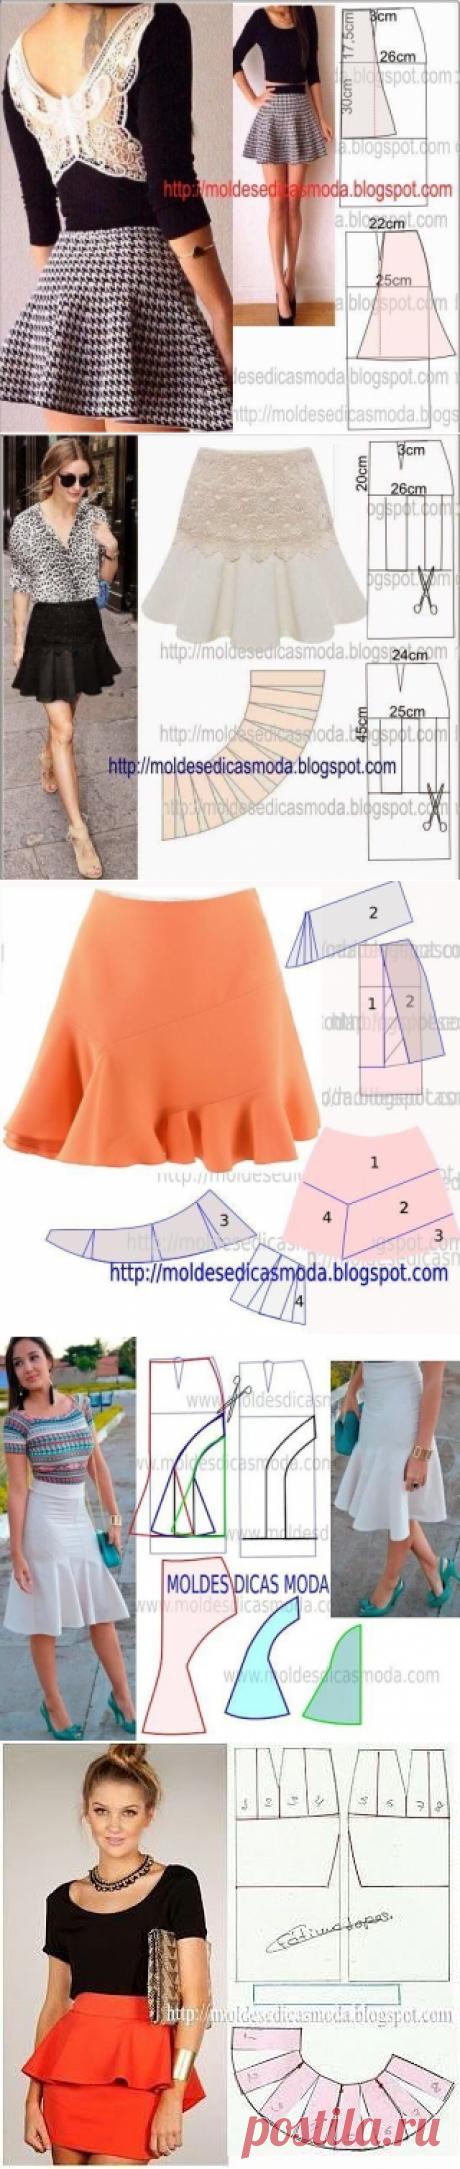 Портной • Шитье, переделки - легко!Моделирование юбок!